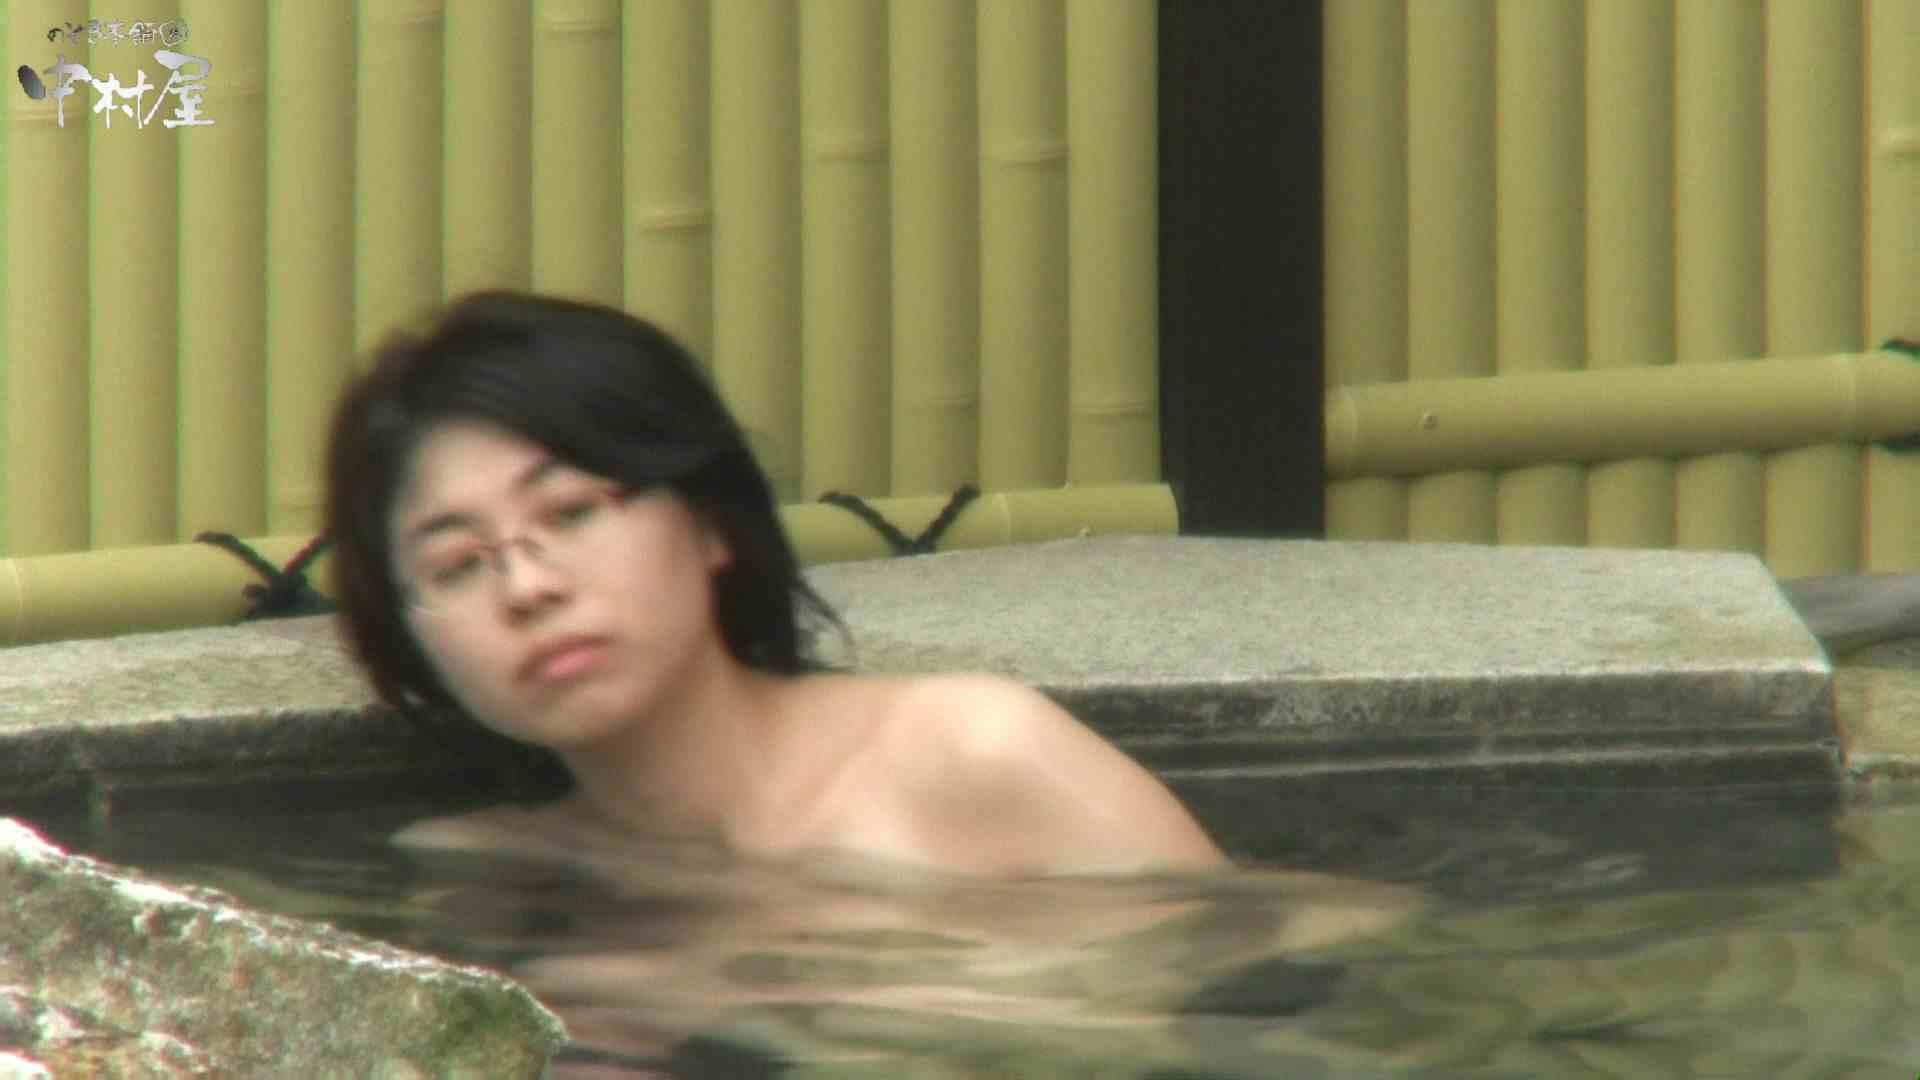 Aquaな露天風呂Vol.947 露天   盗撮  111枚 100